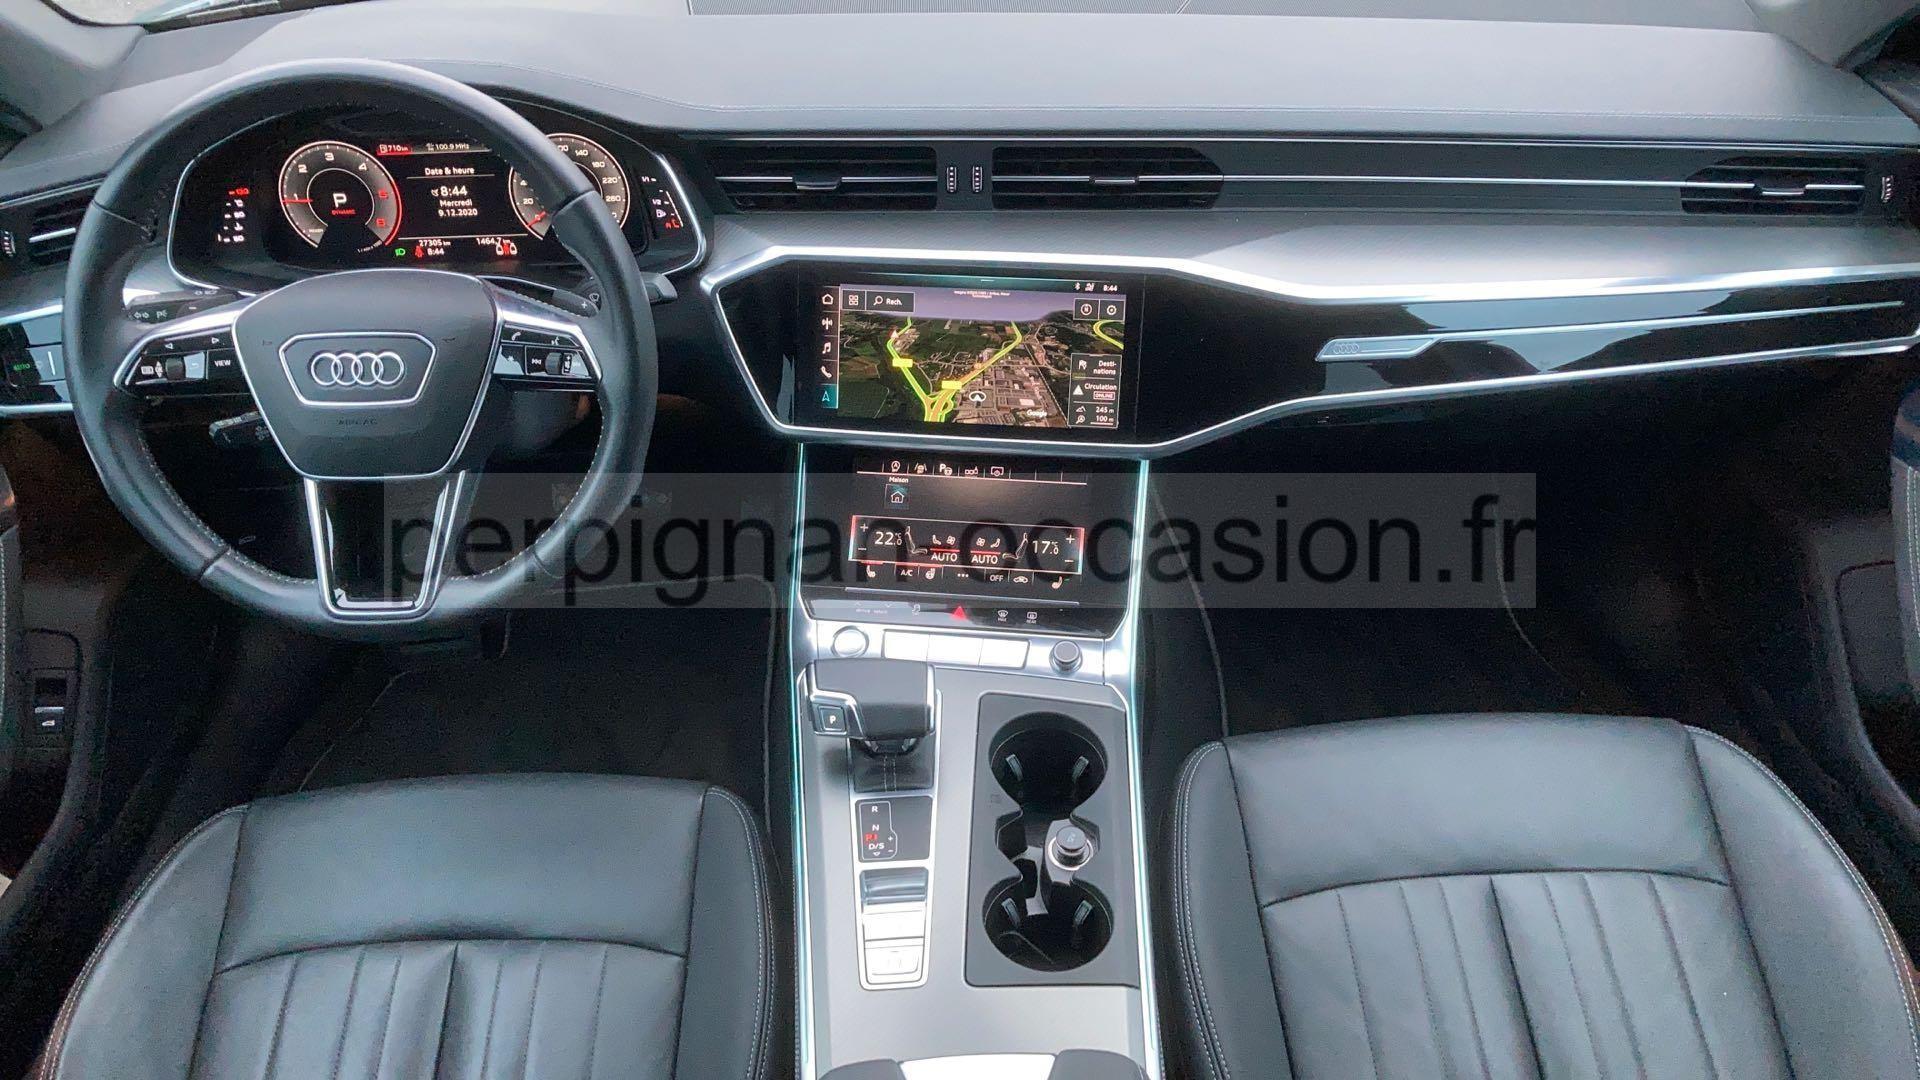 Audi A6 Perpignan - 201545 - Perpignan-Occasion.fr pour Cuir Center Perpignan